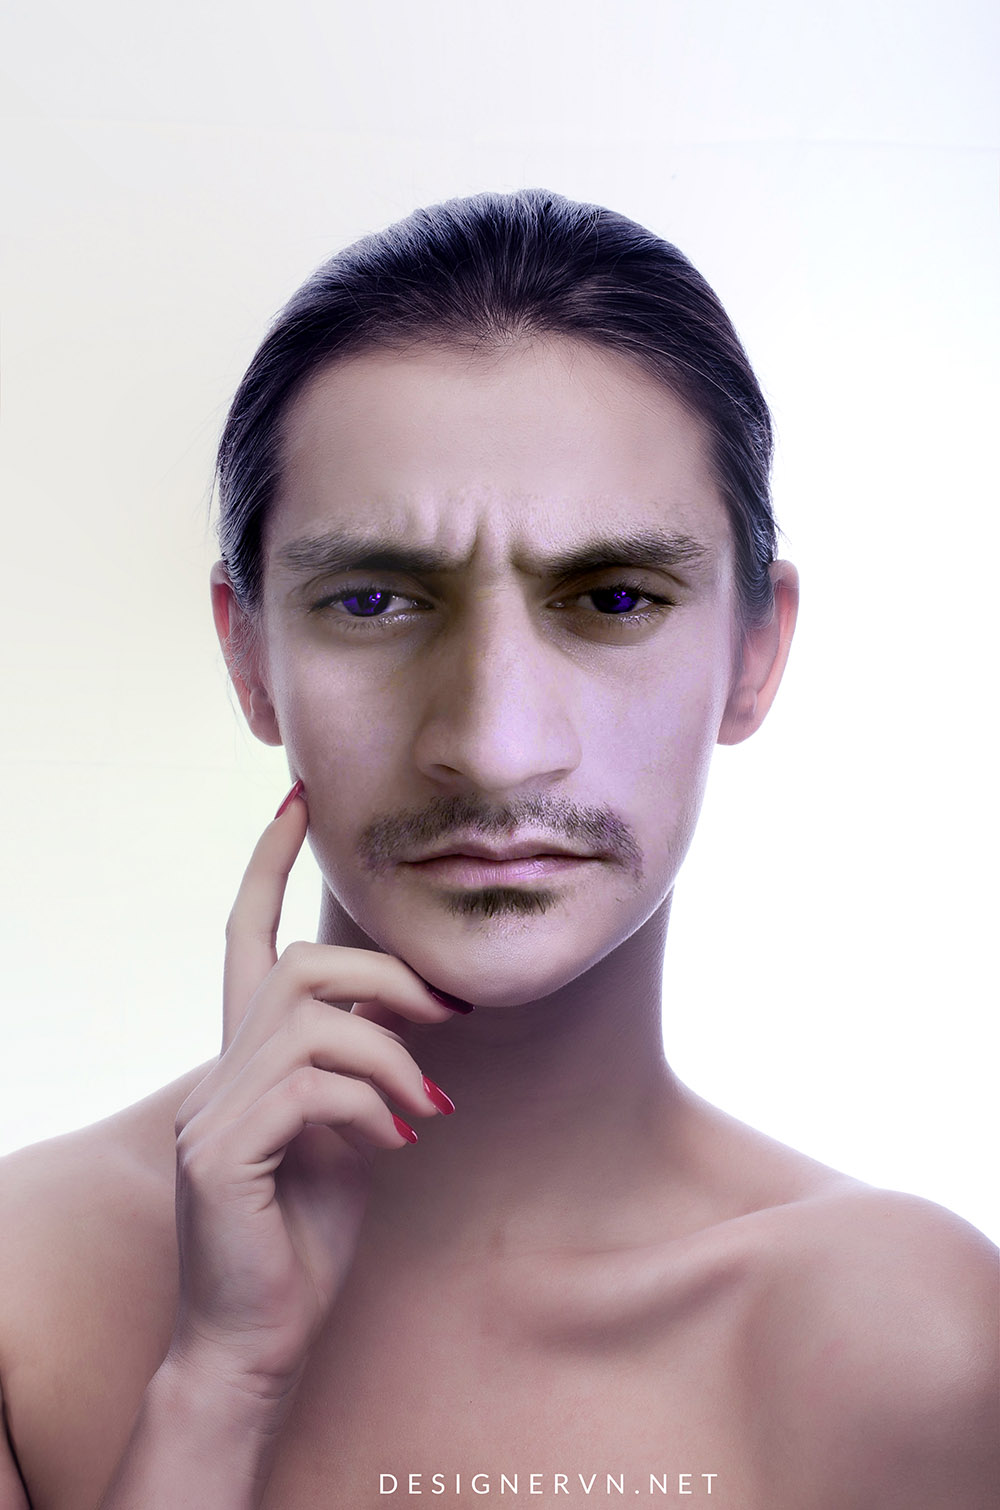 Hướng dẫn cắt ghép mặt trong Photoshop